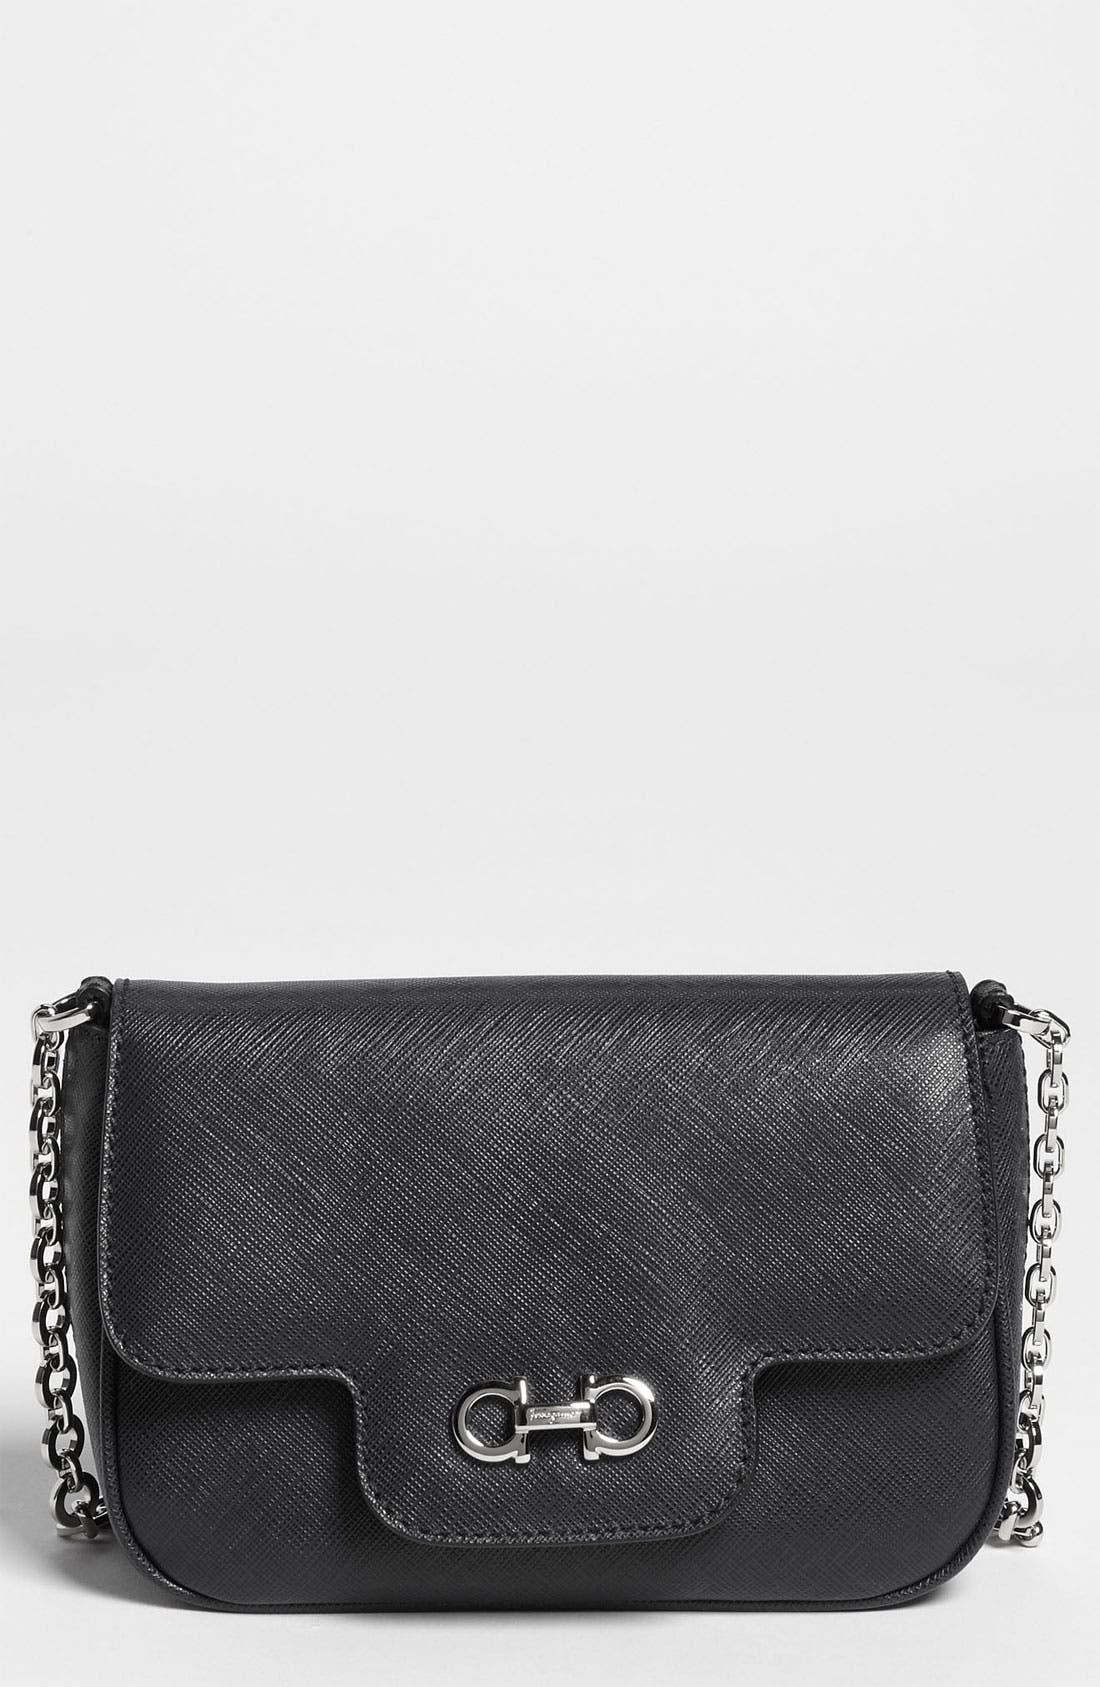 Alternate Image 1 Selected - Salvatore Ferragamo 'Fancy' Leather Shoulder Bag